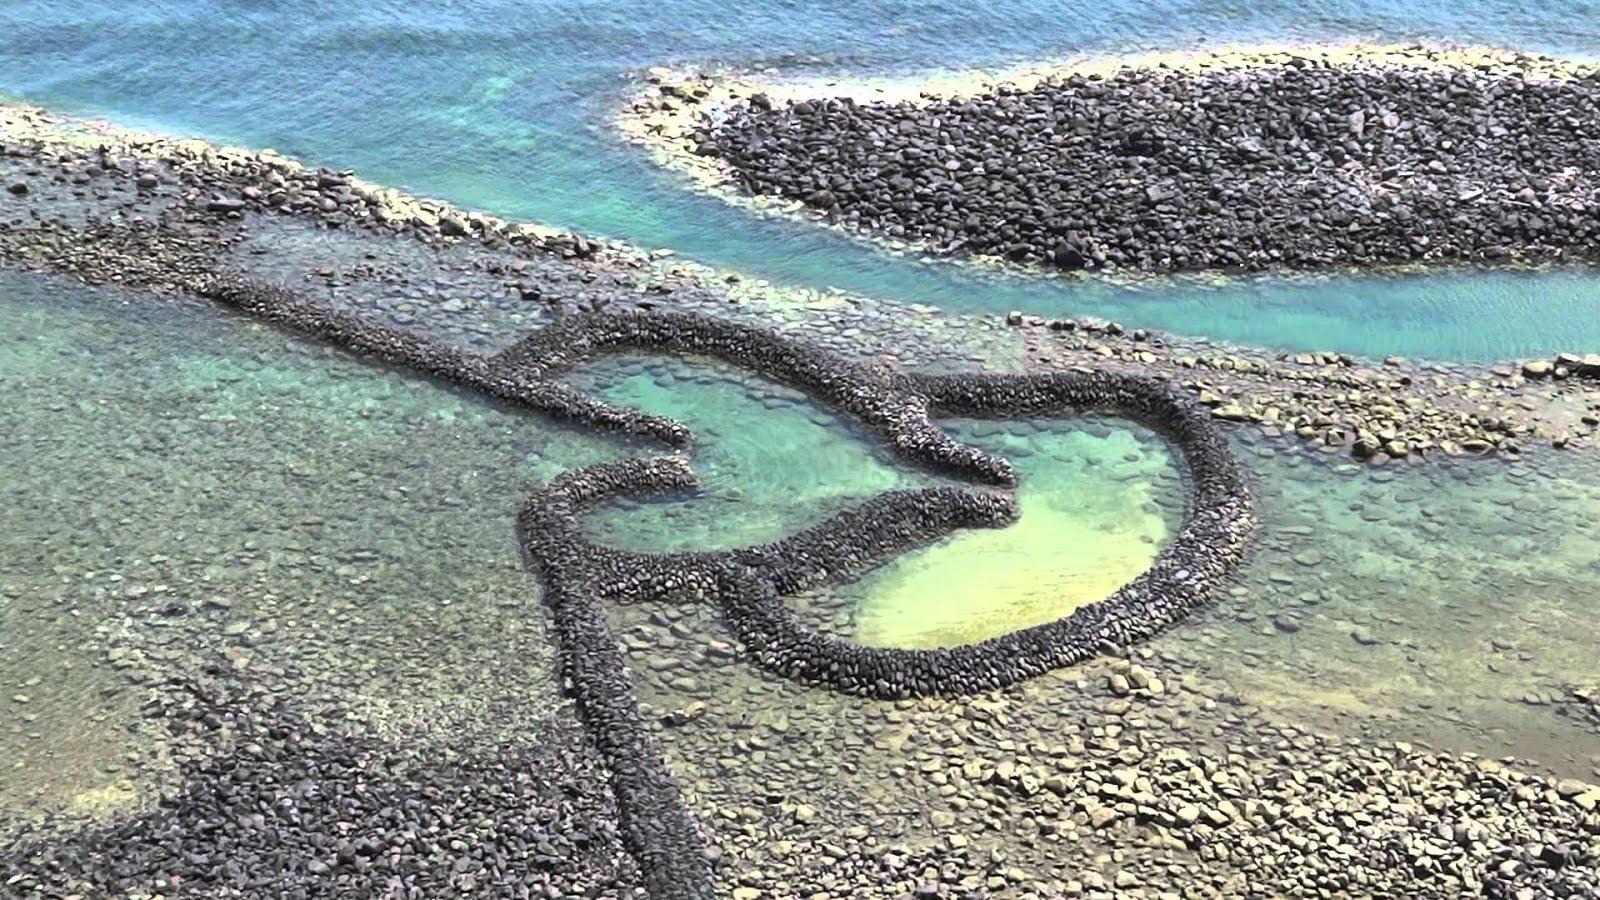 澎湖背包旅遊攻略: 晚去早回玩澎湖